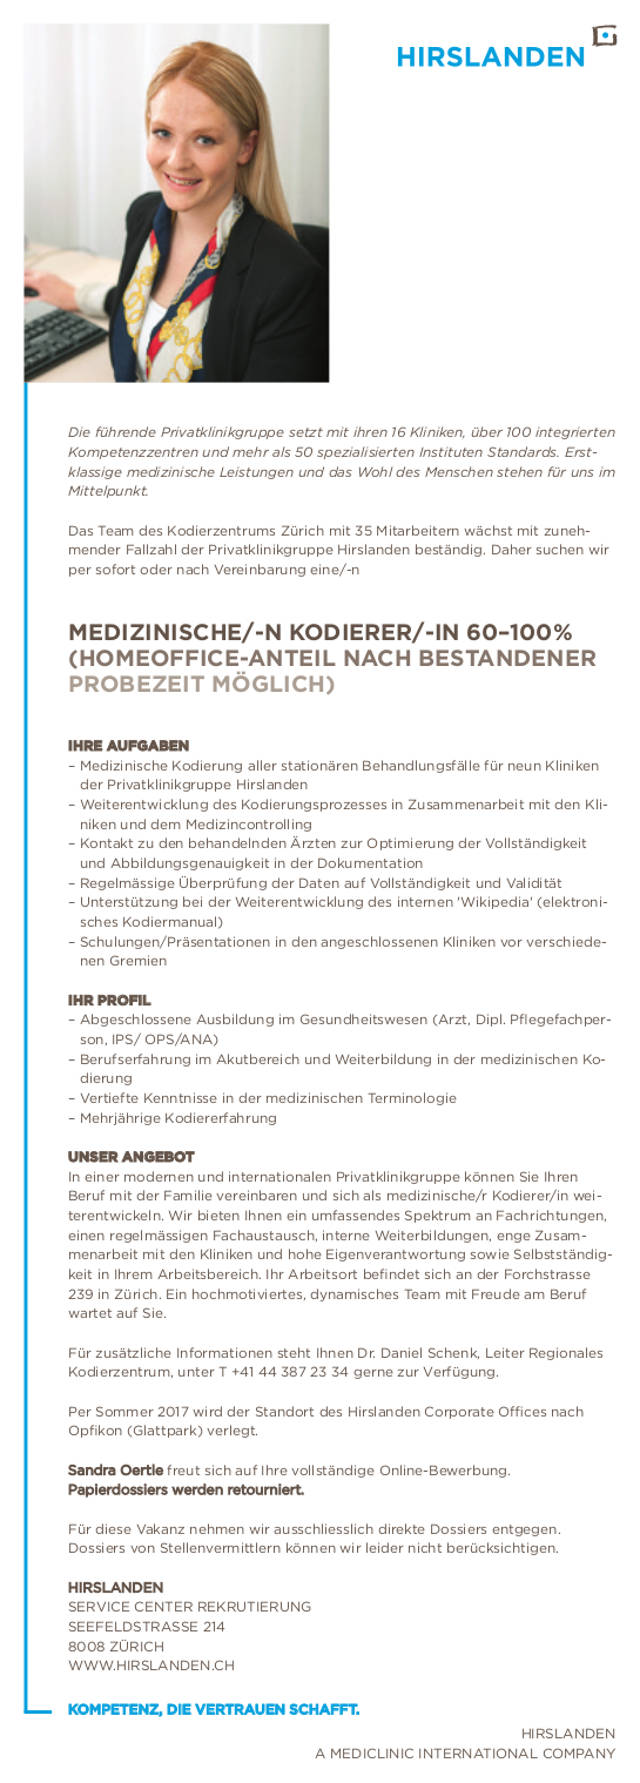 Hirslanden, Zürich: Medizinischer Kodierer (m/w)